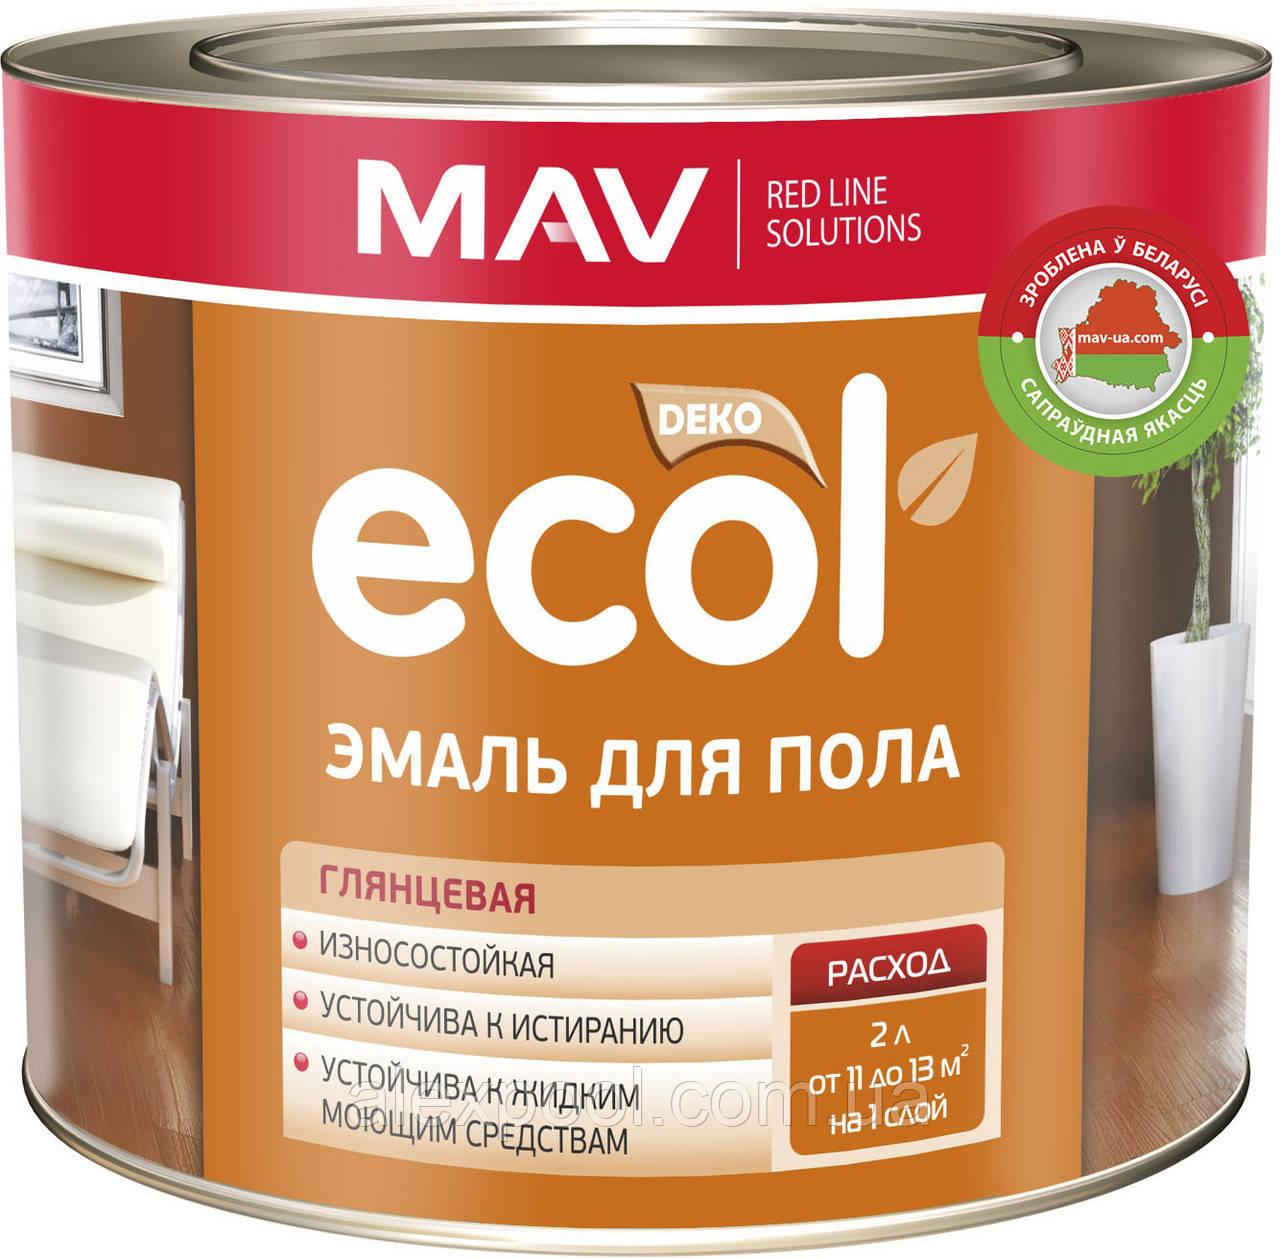 Эмаль MAV ECOL для пола ПФ-266 Светло-коричневая 1 литр